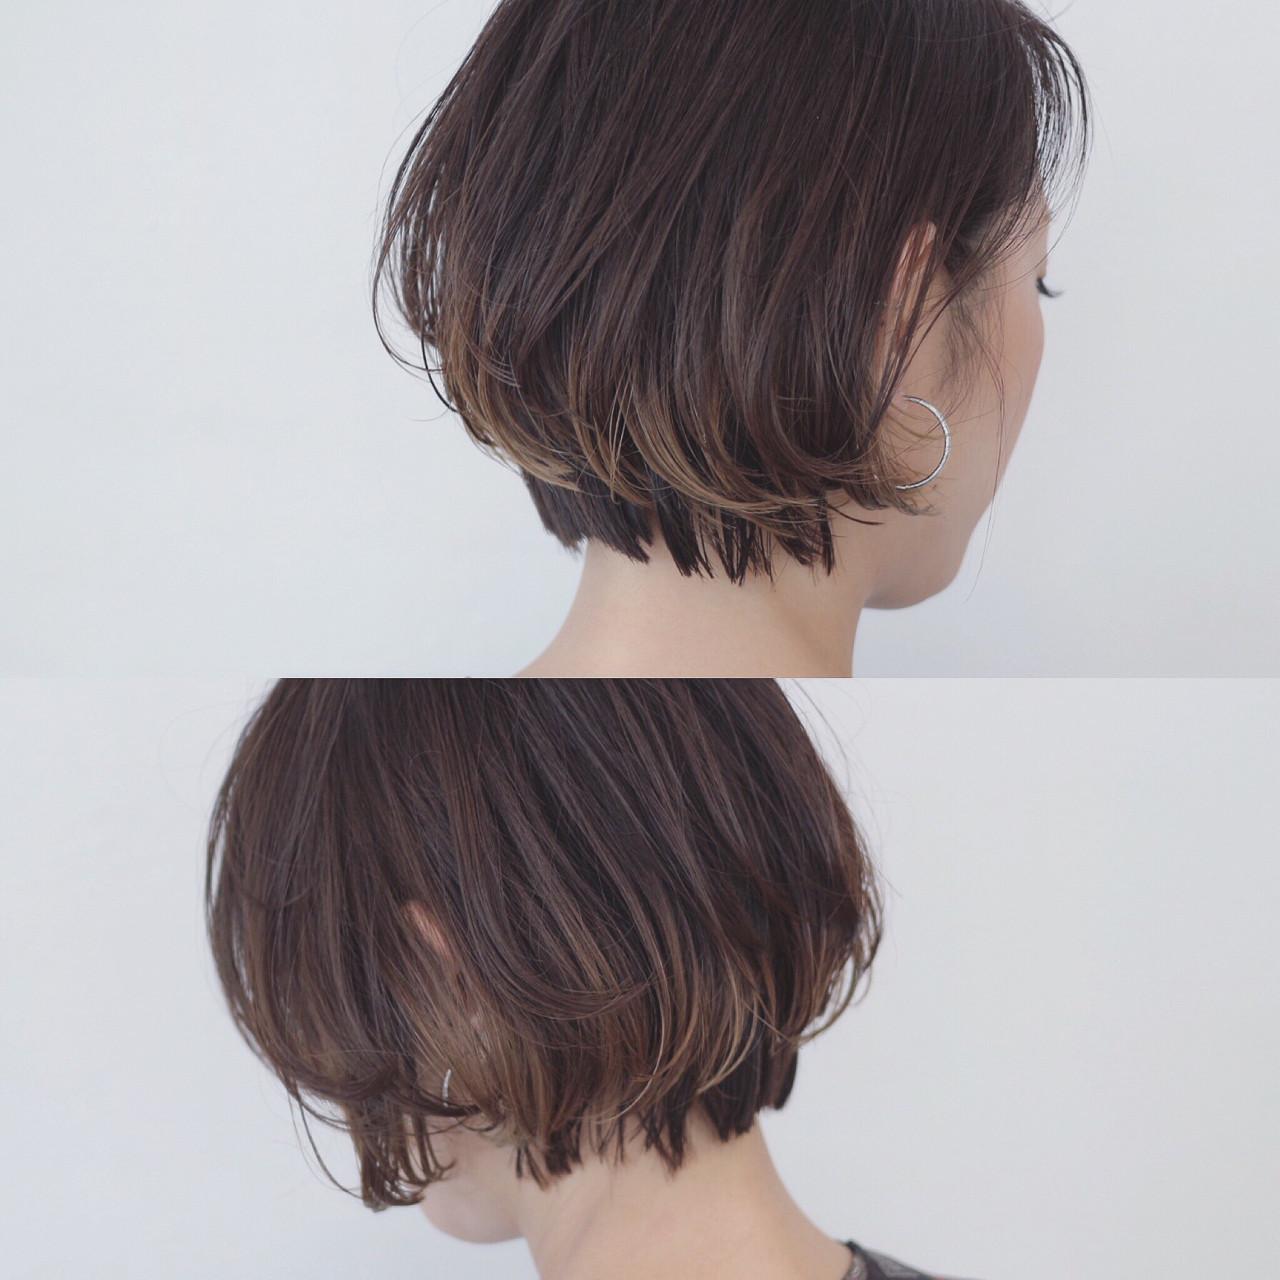 大人♡なアッシュブラウンのグラデーションヘア 三好 佳奈美